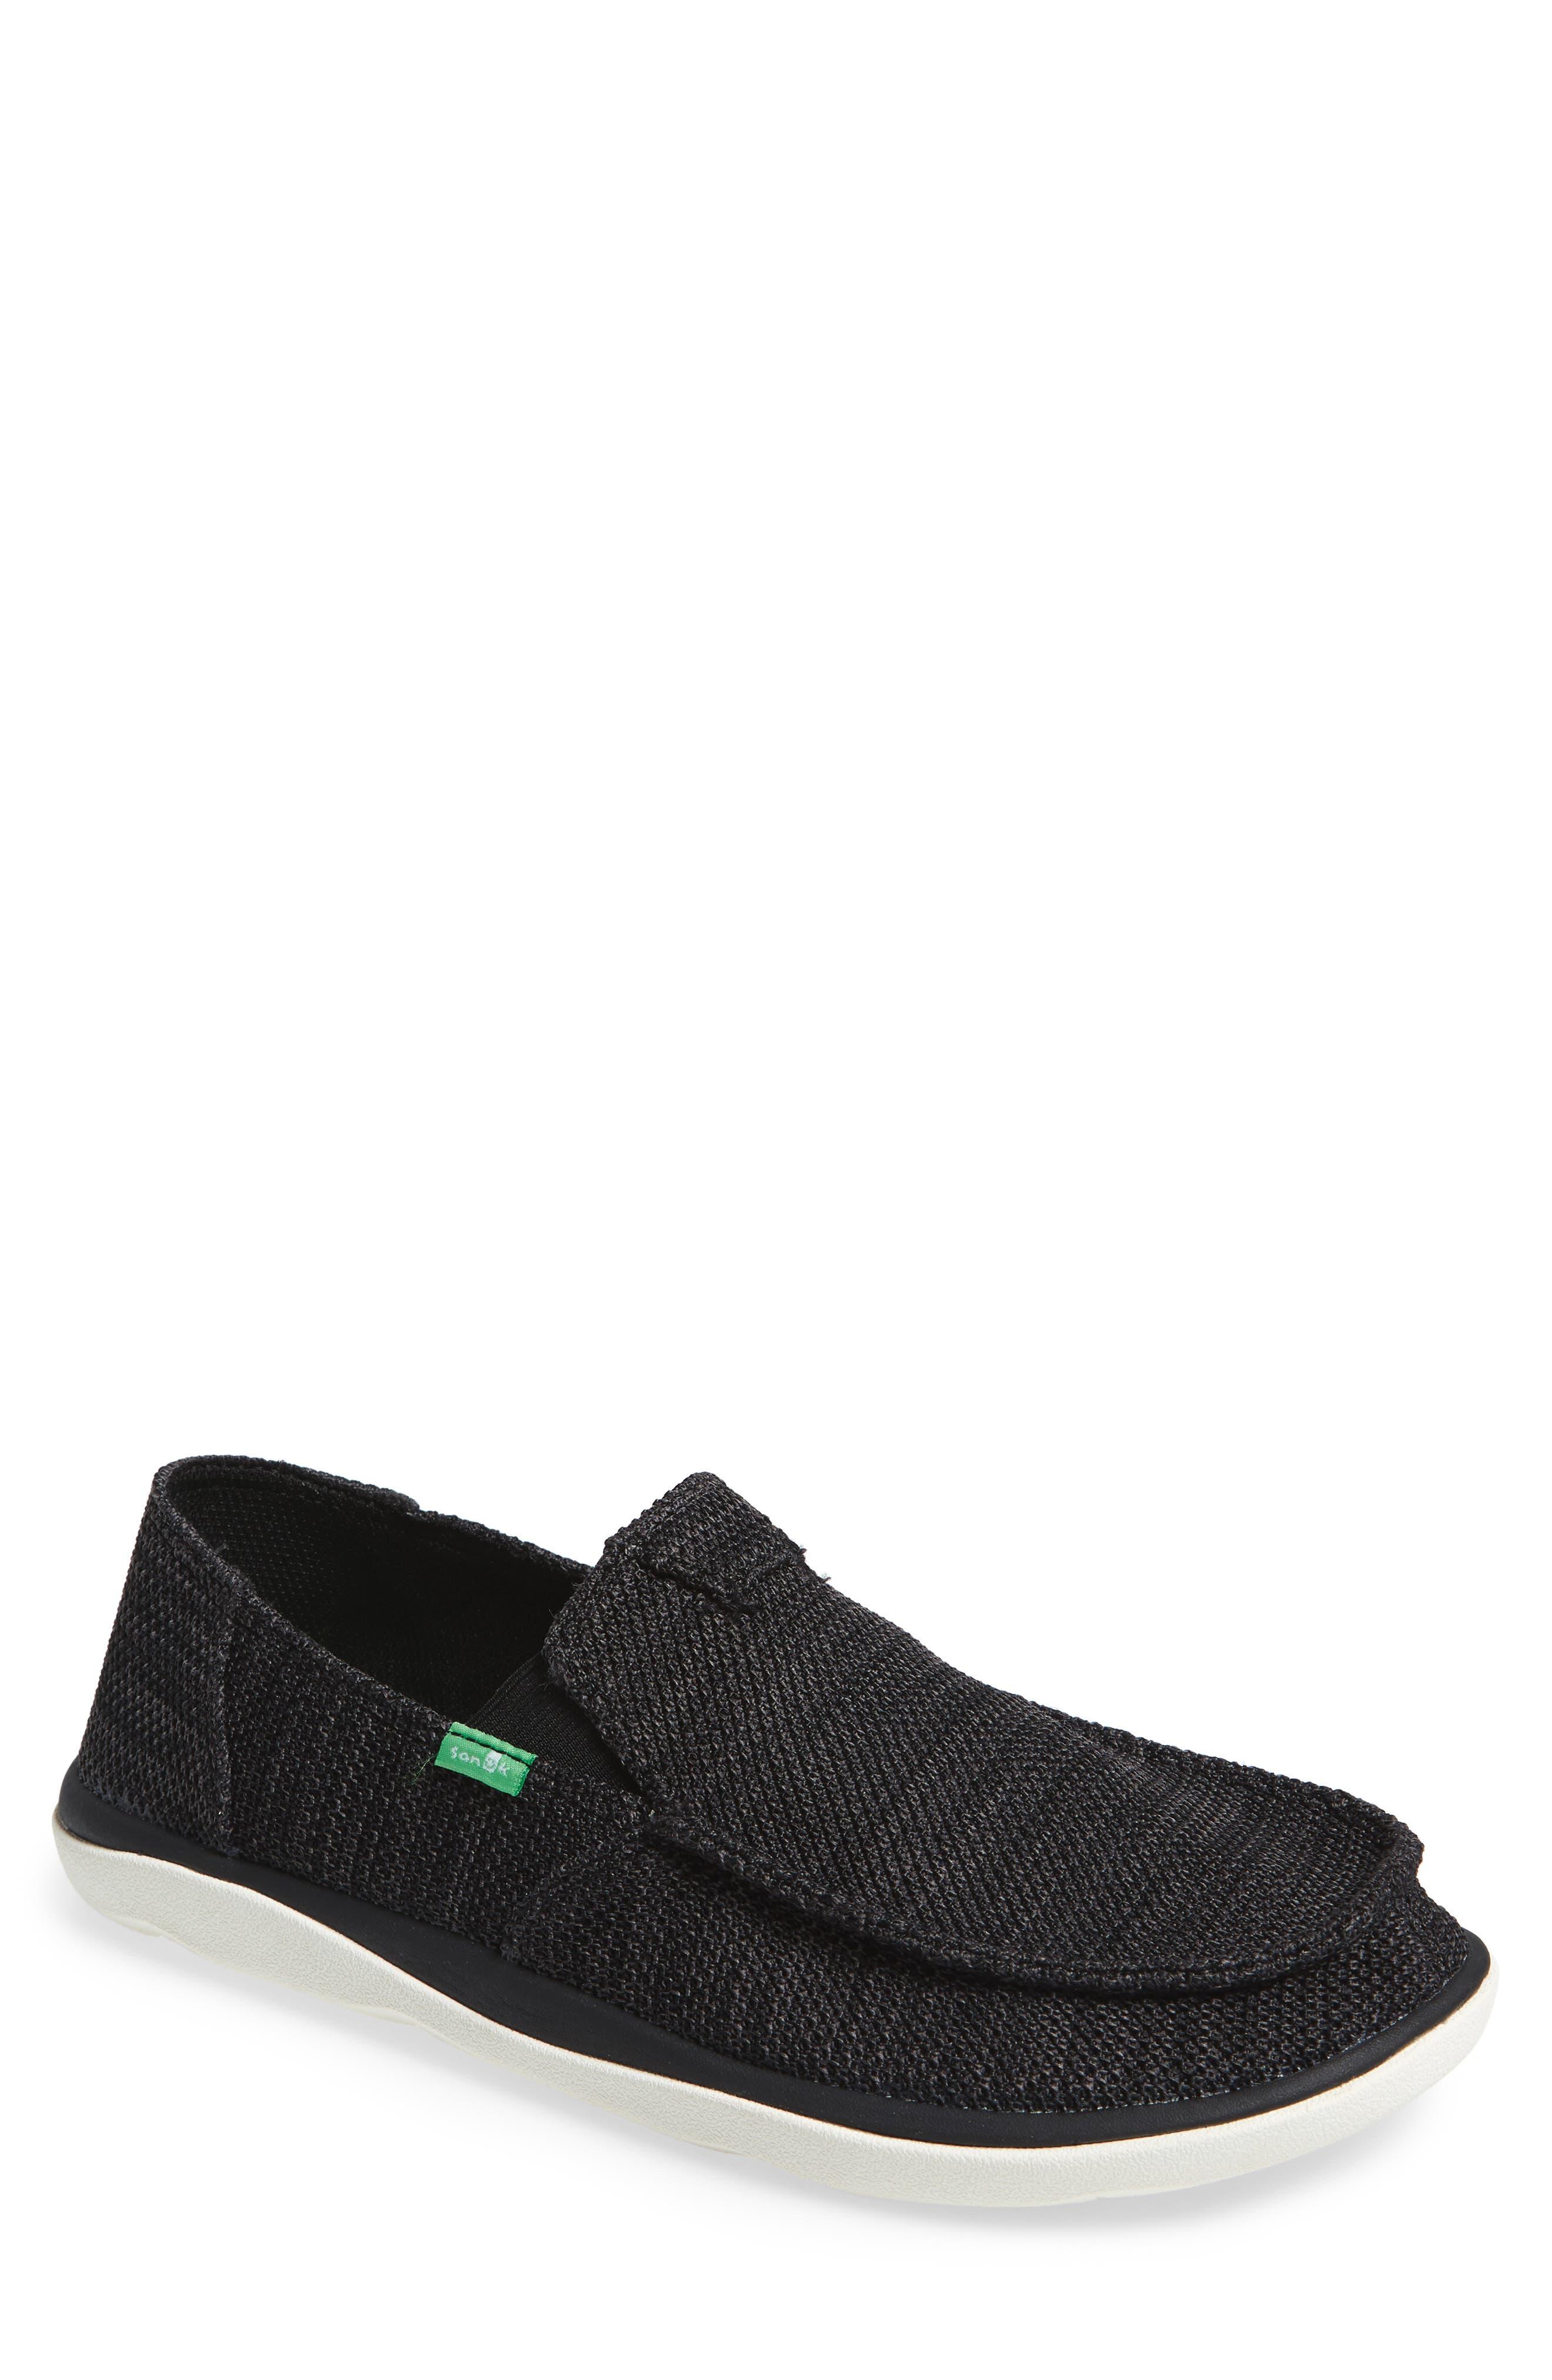 Image of Sanuk Tripper Slip-On Sneaker